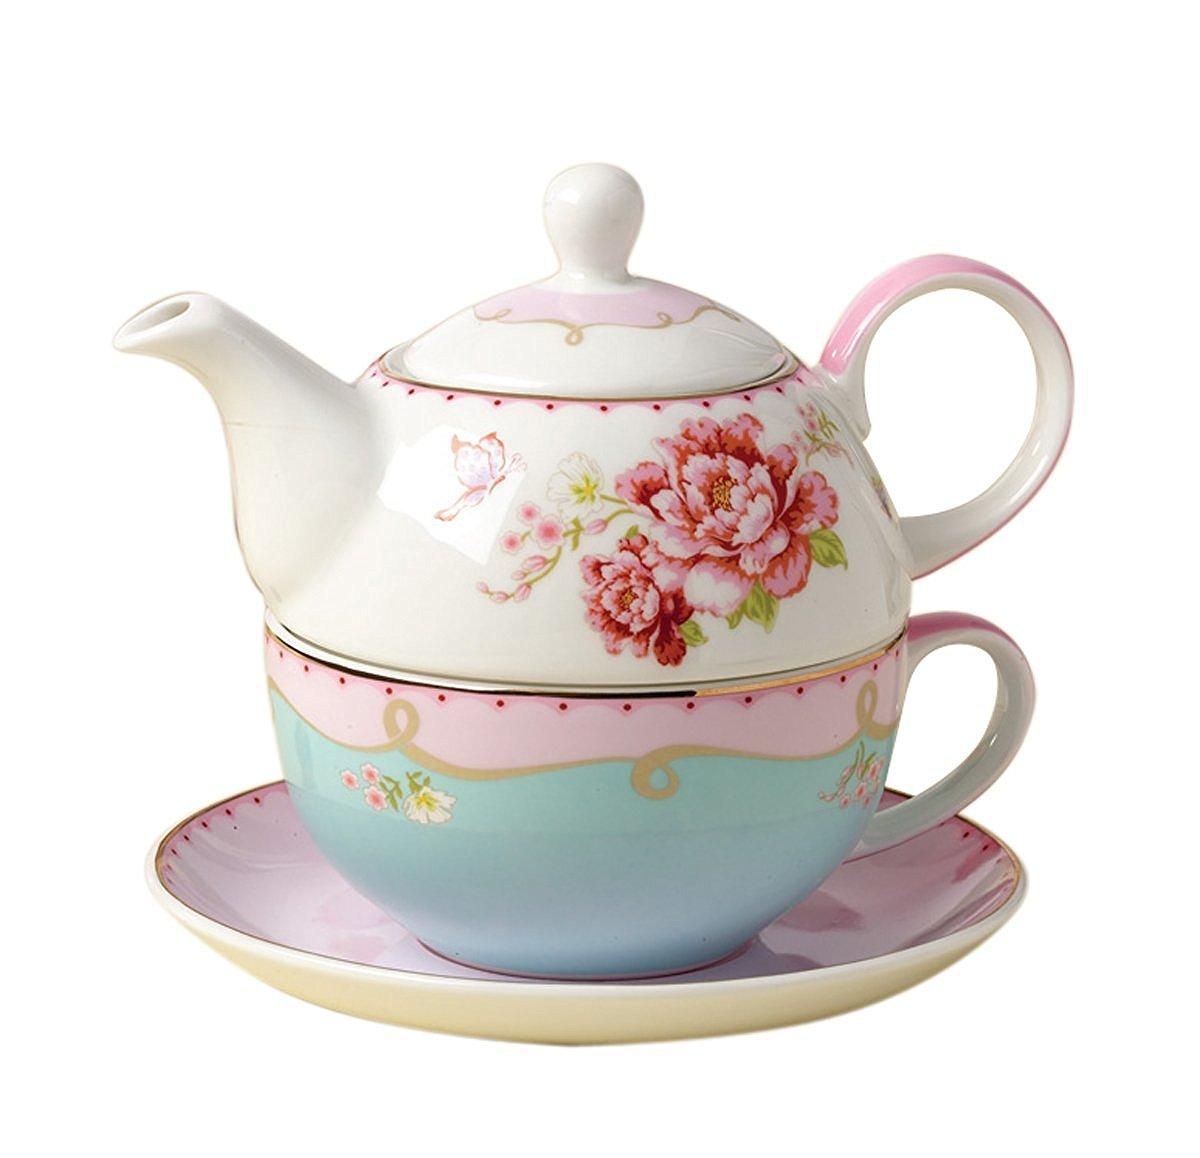 Jusalpha Fine Bone China Teapot for One, Rose Teapot and Saucer Set- Tea Cup with Saucer Set, Pink Roses (Teapot set 02)